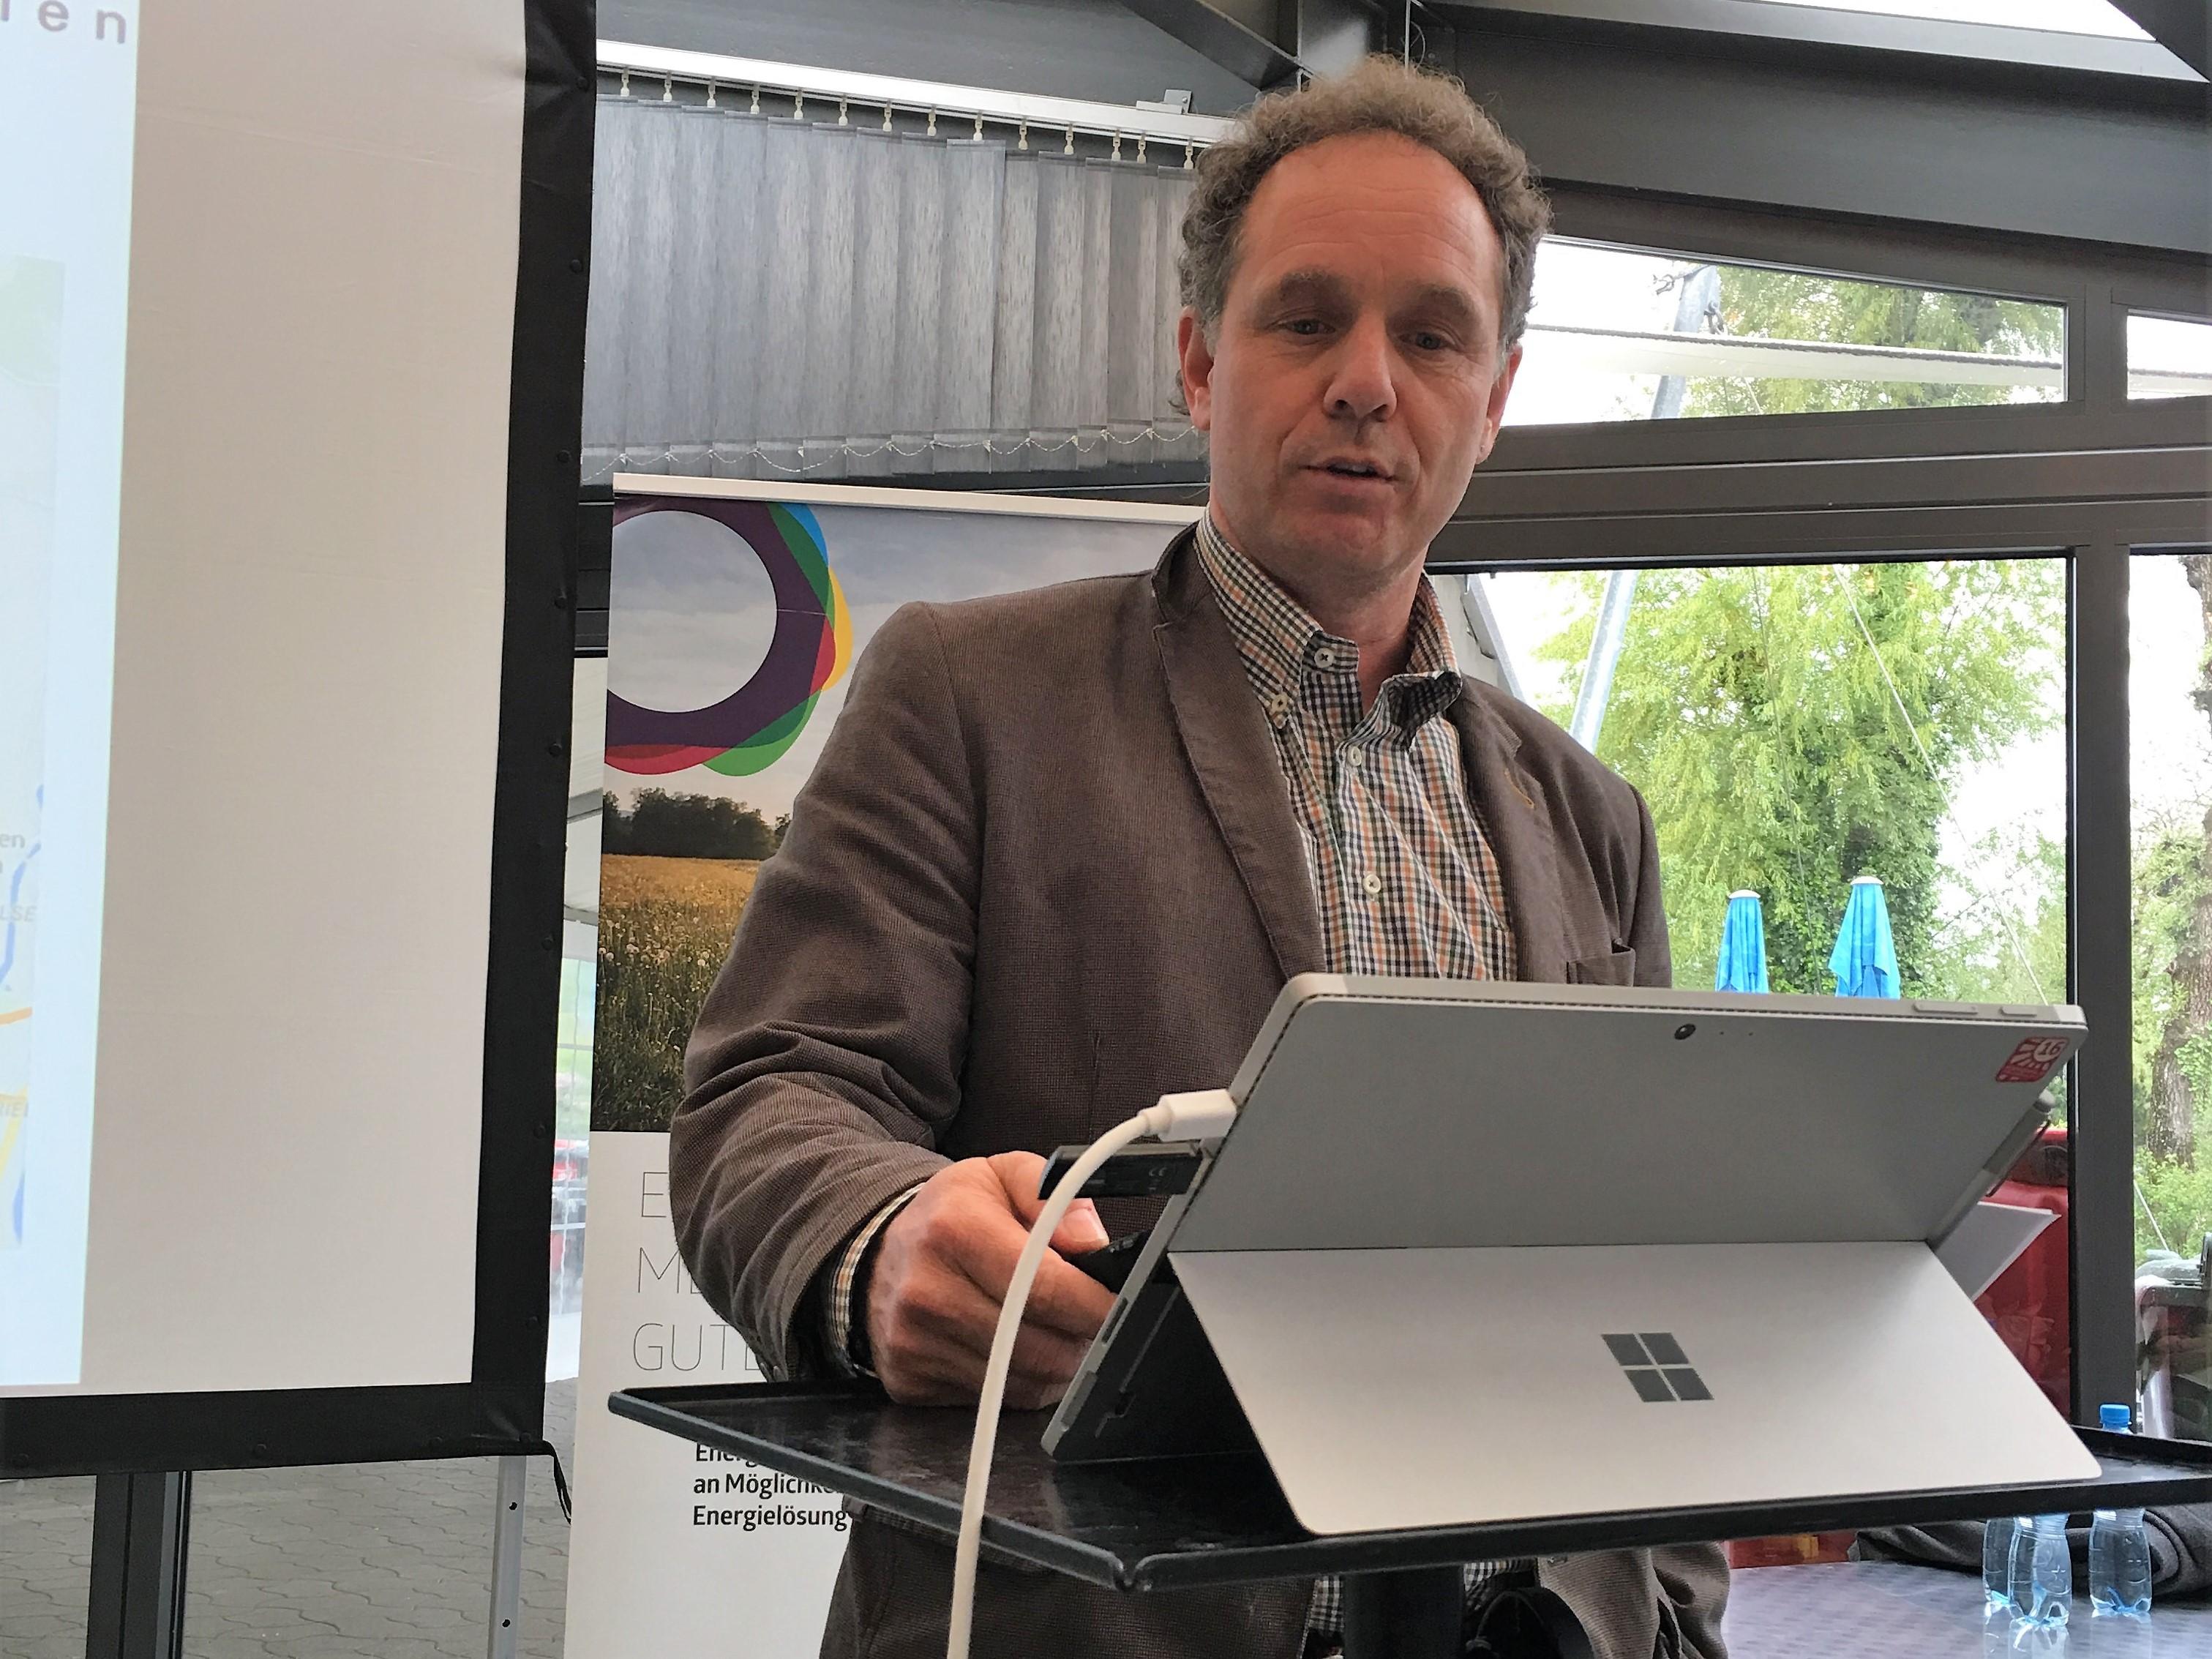 Gemeindepräsident Bänz Müller ist aus dem Kanton Bern angereist, um über seine Erfahrungen mit dem Wärmeverbund Kappelenring zu berichten.